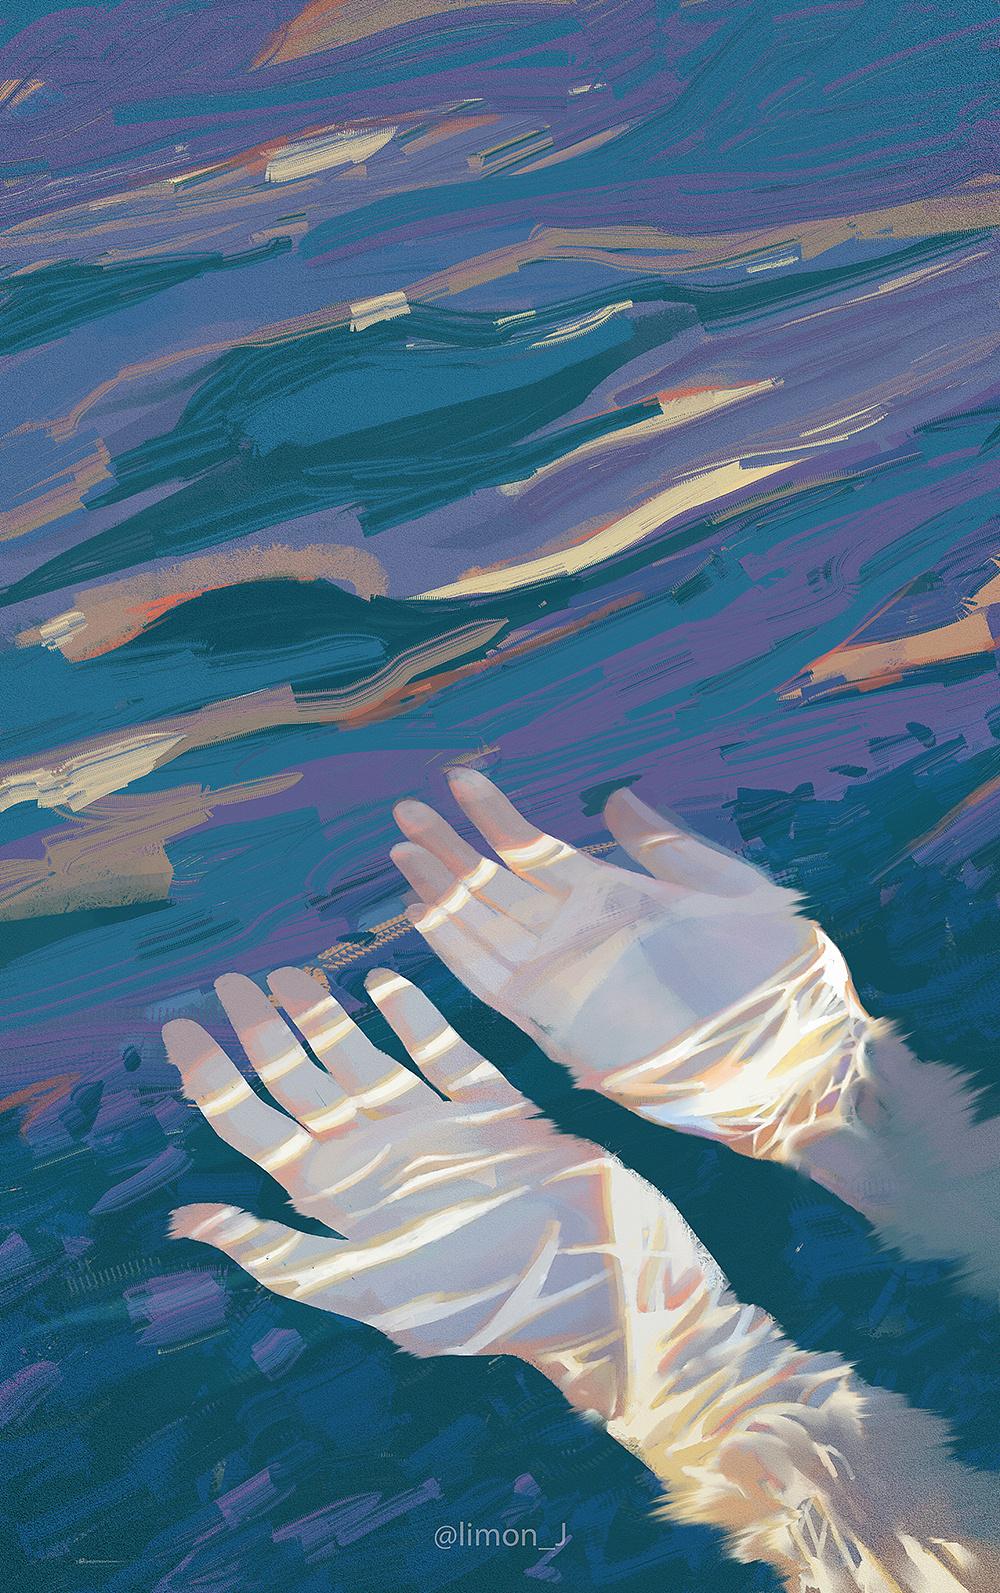 沙与沫_海|插画|插画习作|limon_J杜鹃 - 原创作品 - 站酷 (ZCOOL)